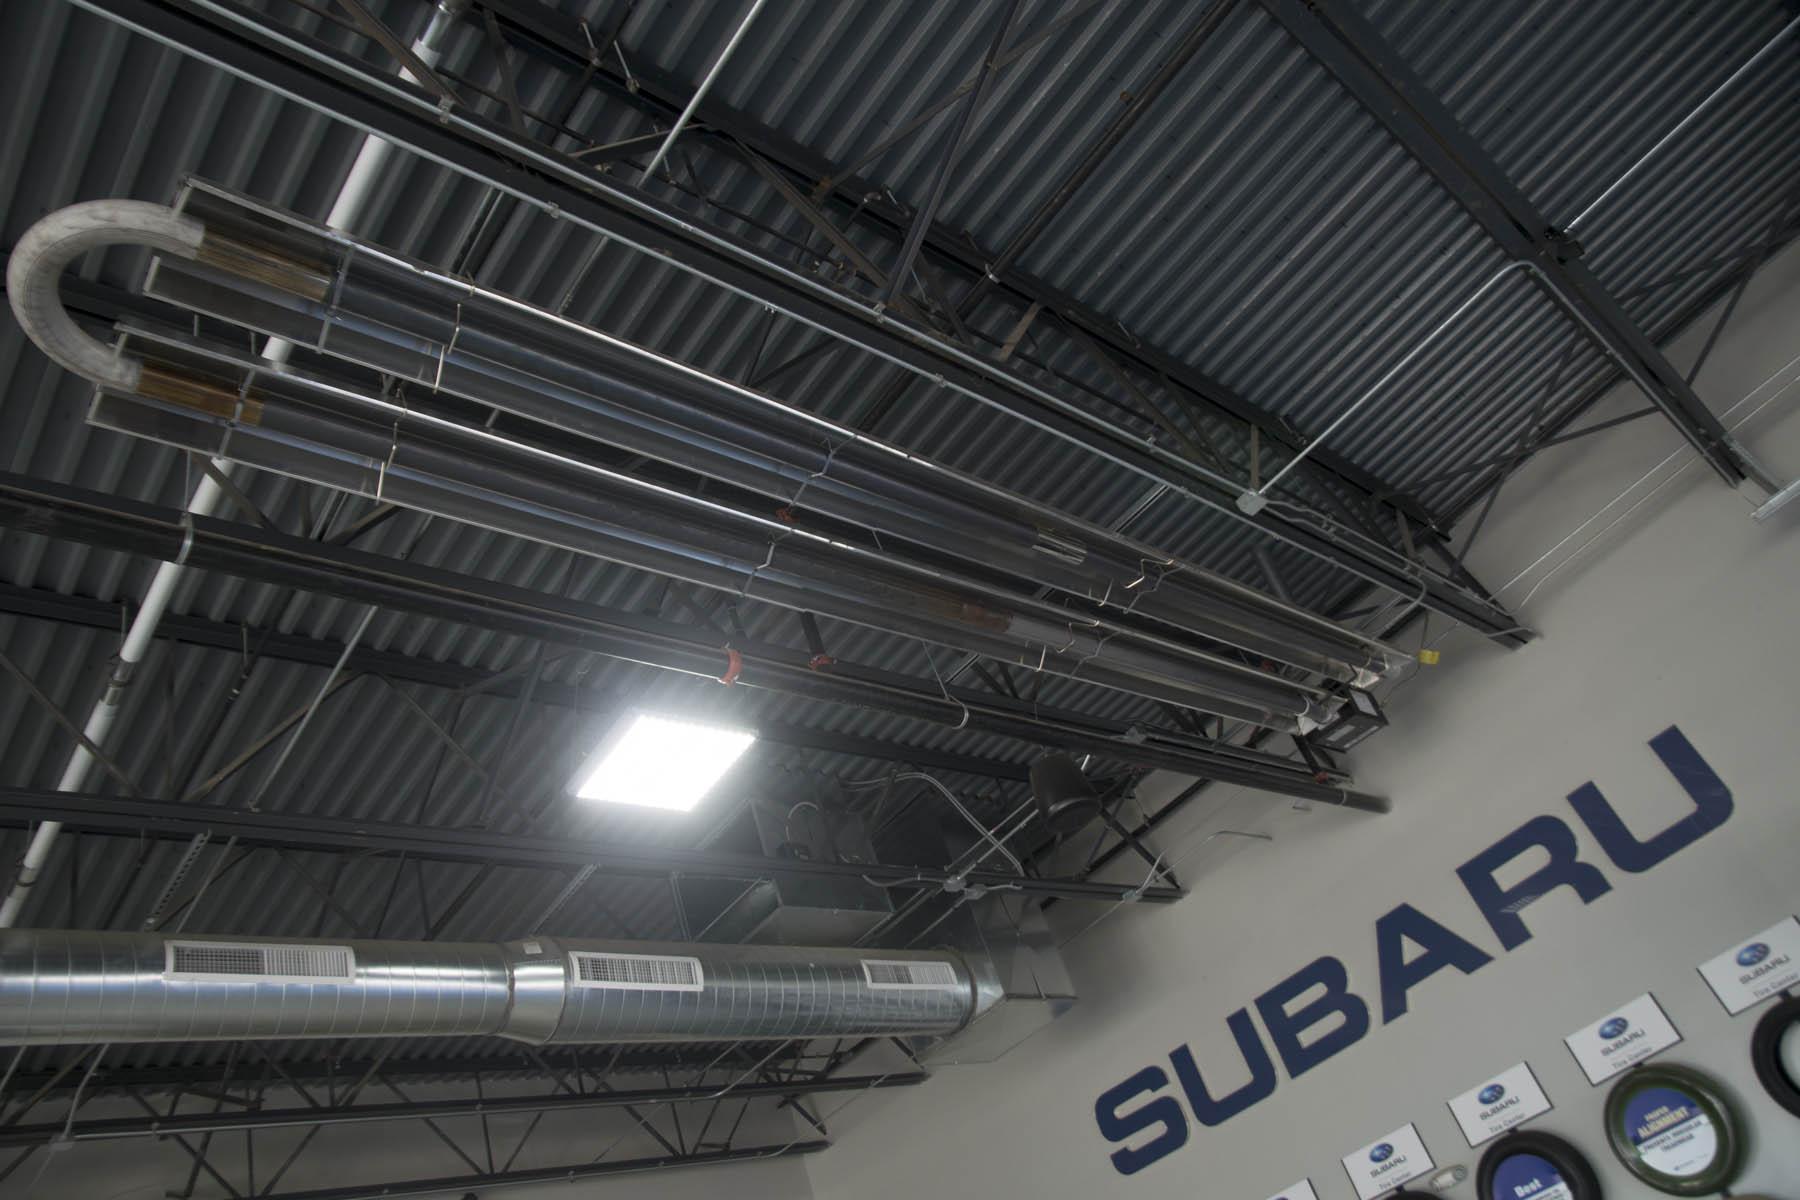 Radiant Heat - Schulte Subaru Project